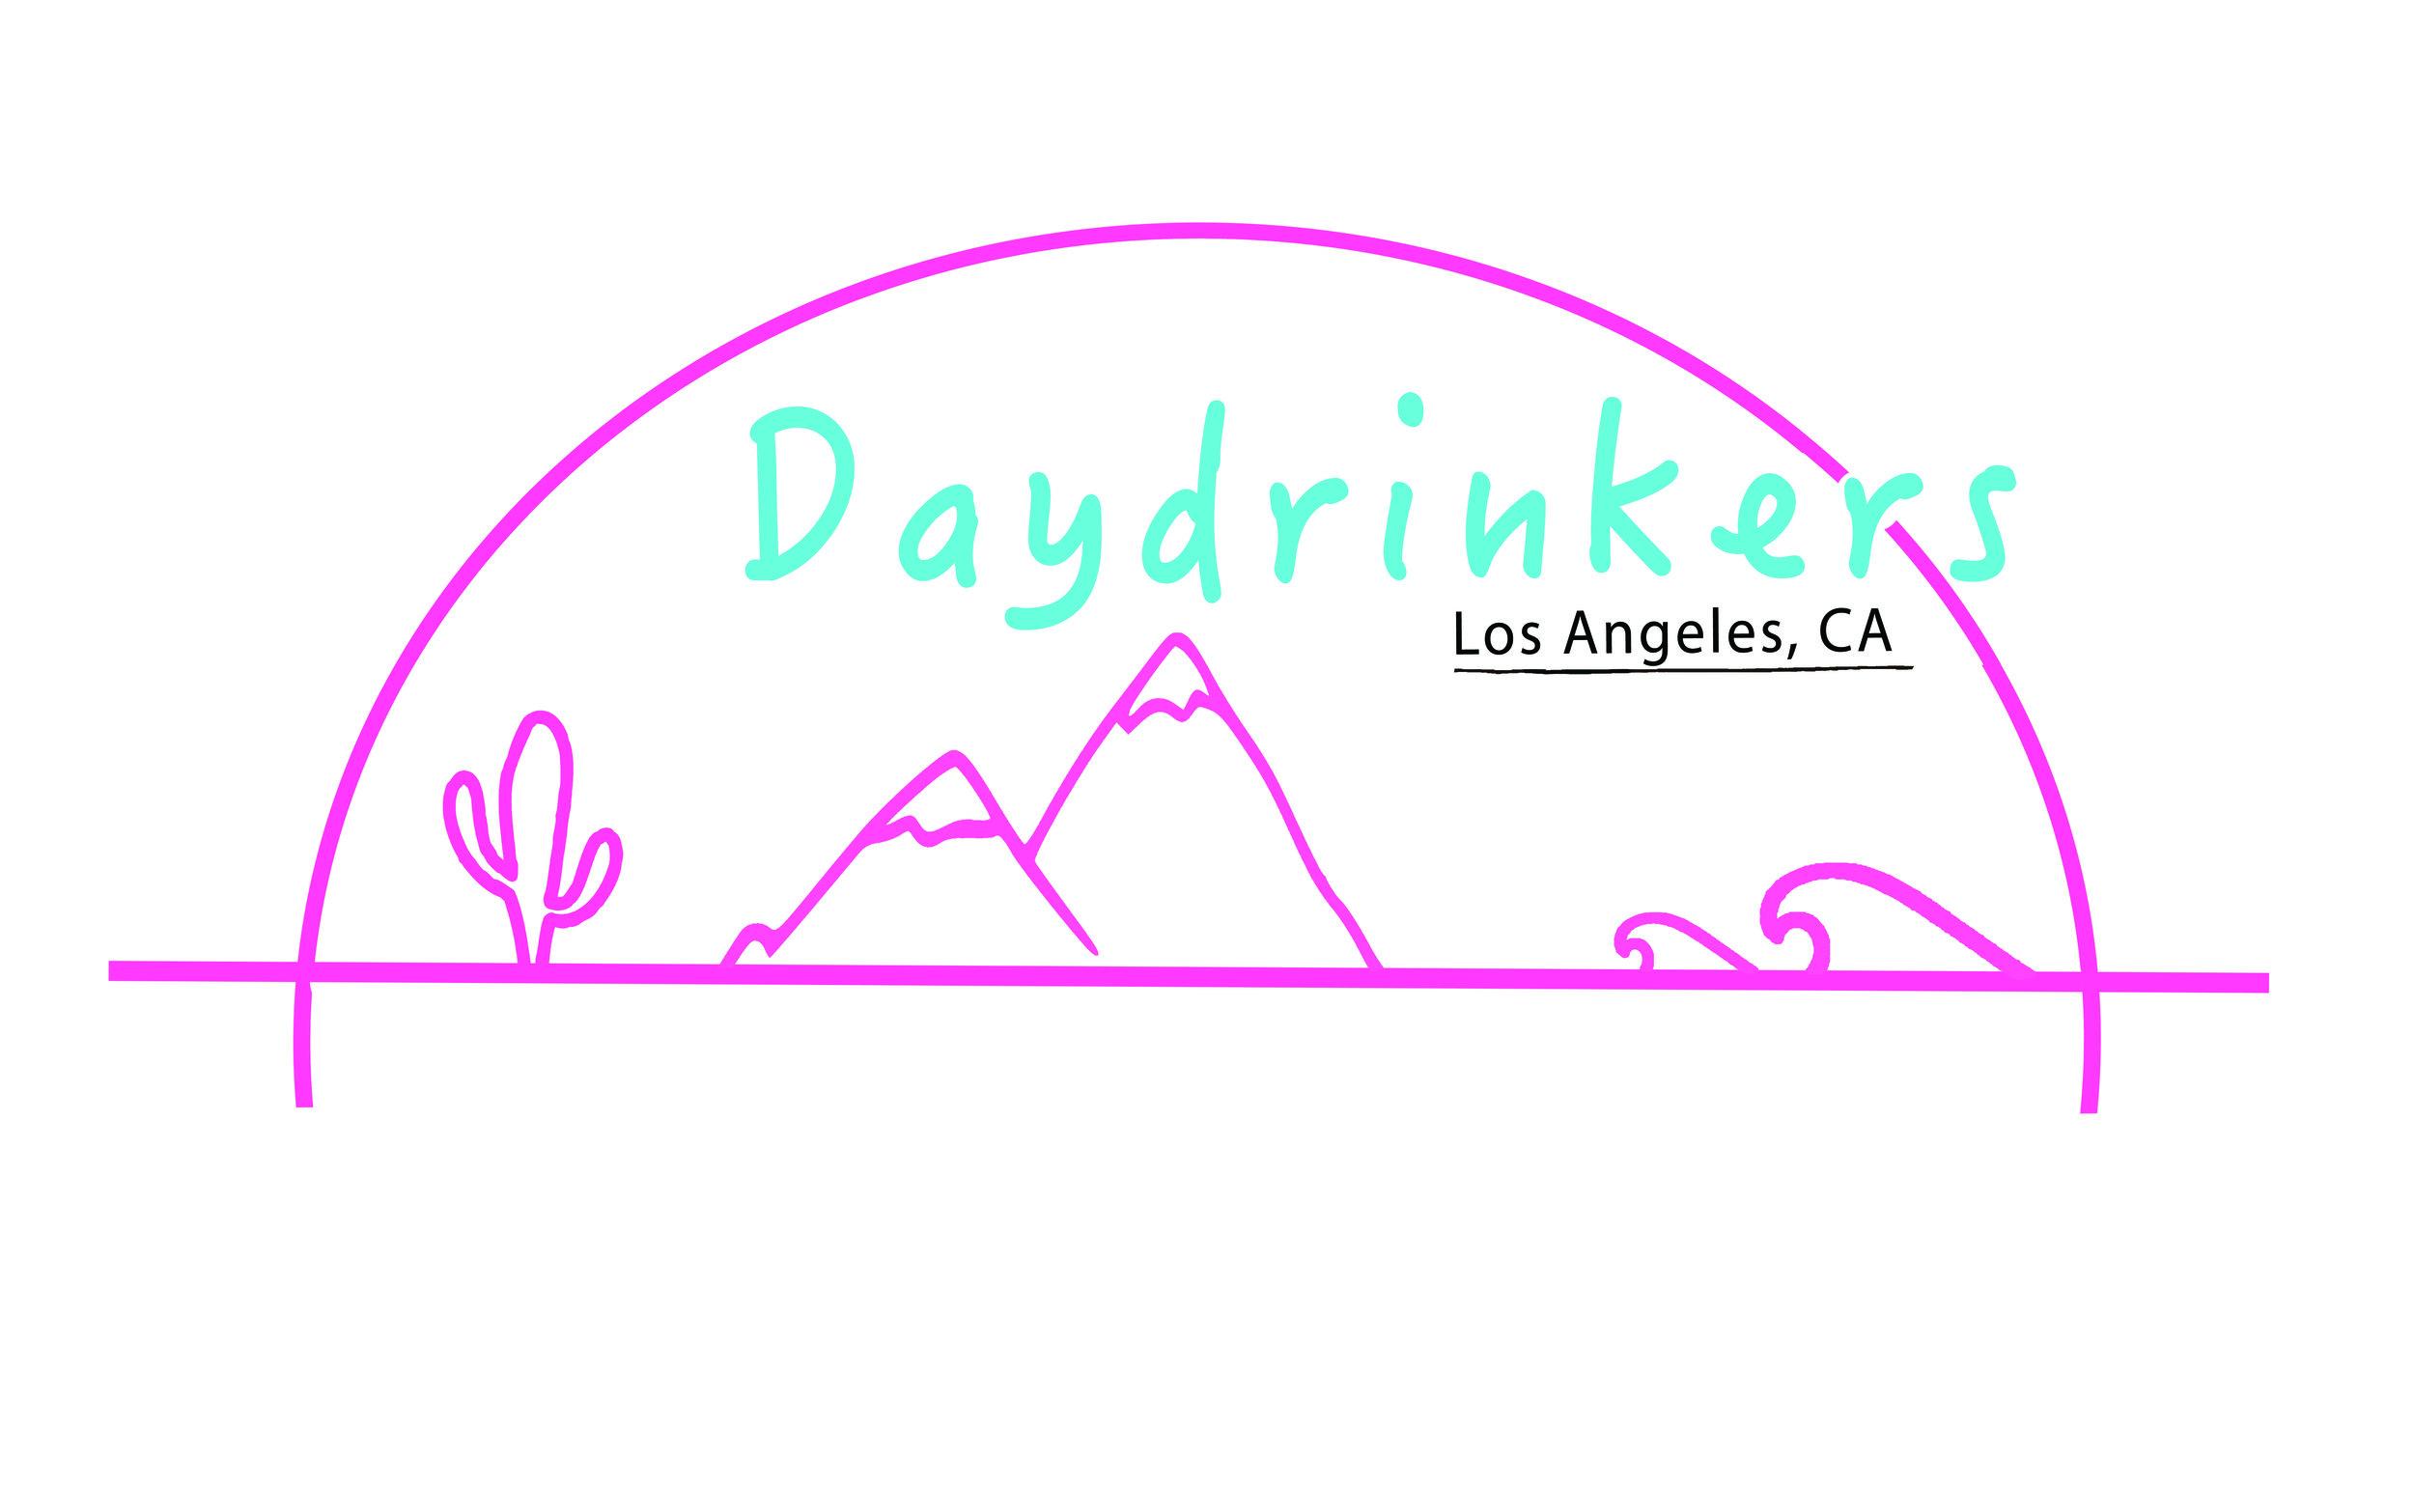 DaydrinkersIllustrationLA.jpg